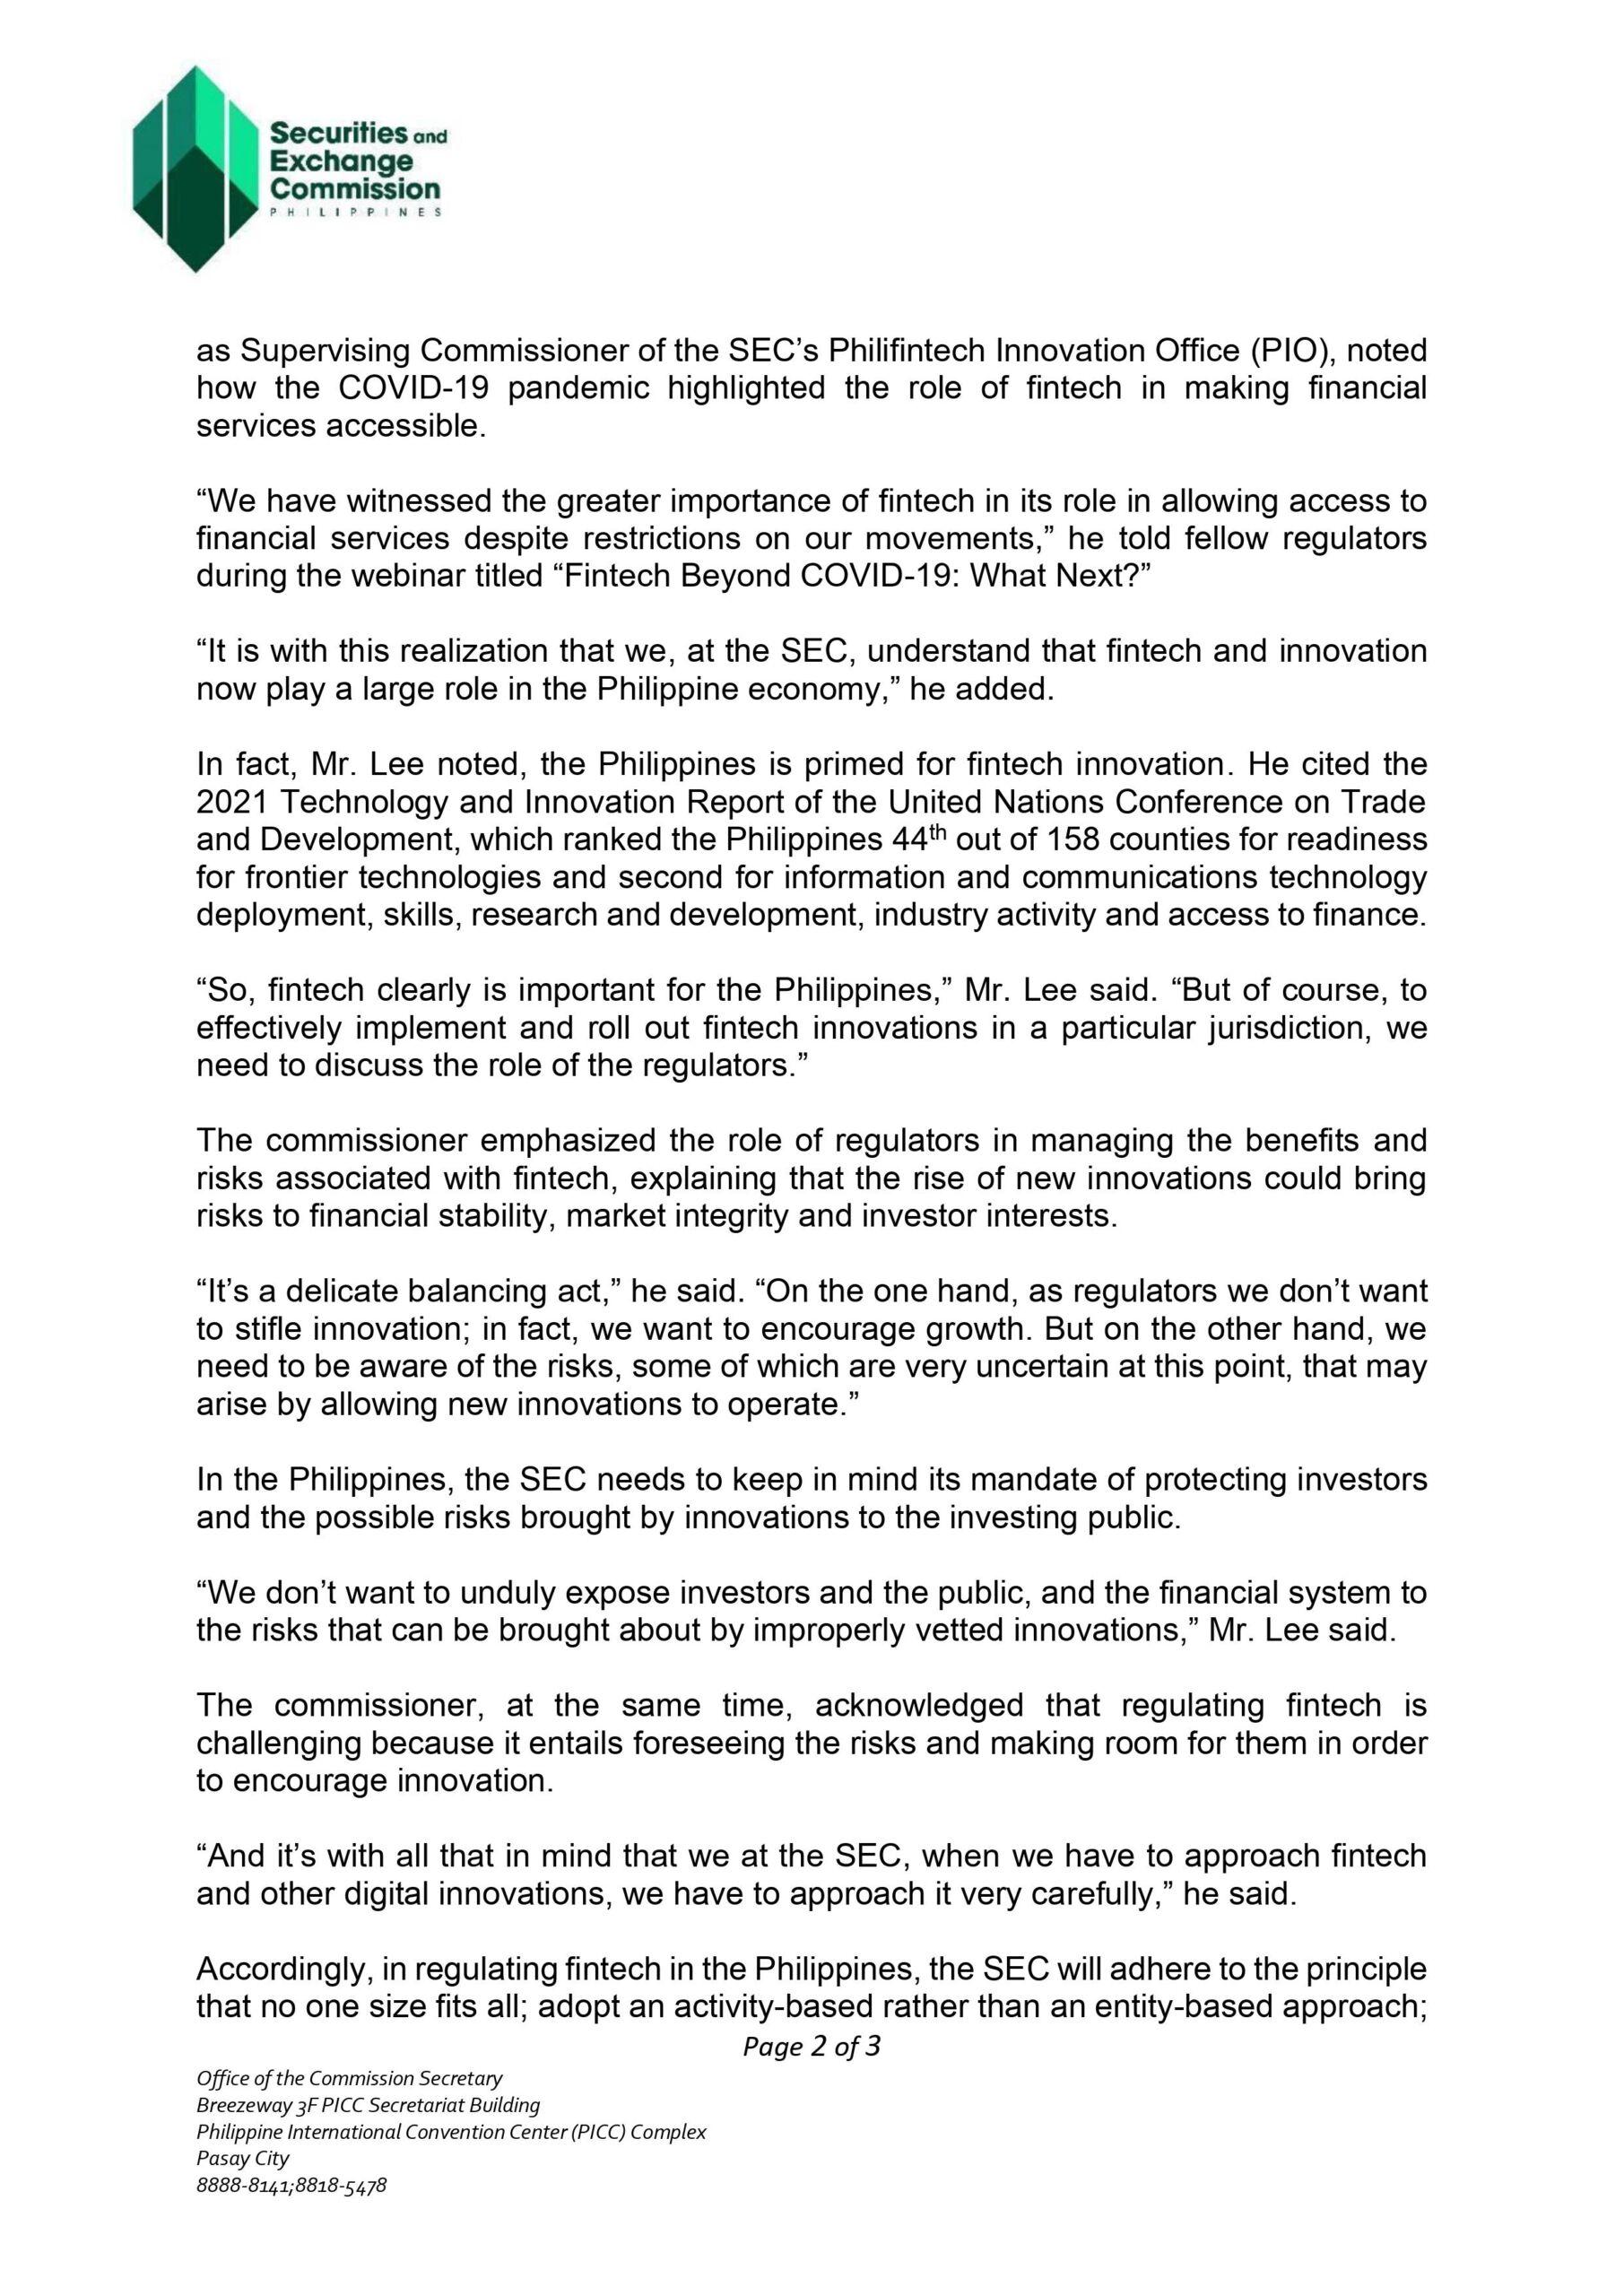 SEC Press Release-images 2